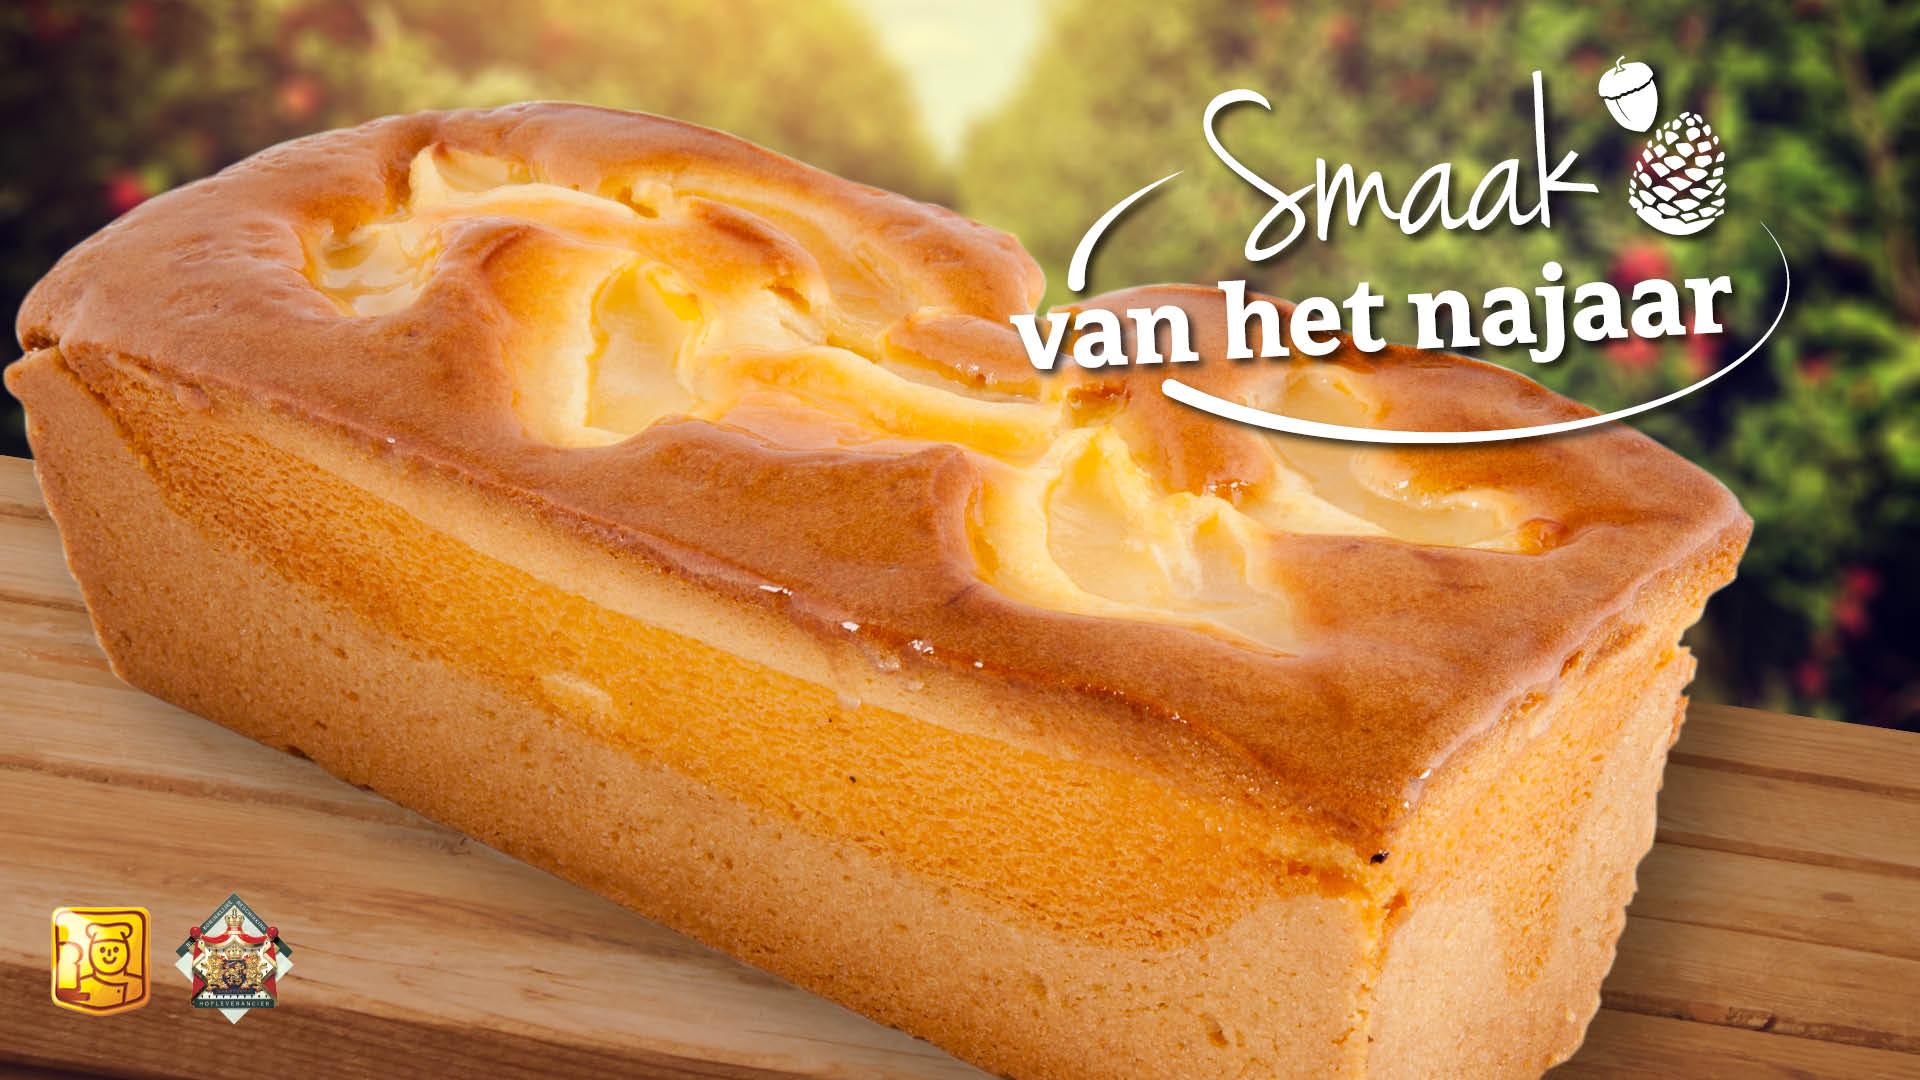 Homepage slider – De Smaak van het najaar – 4